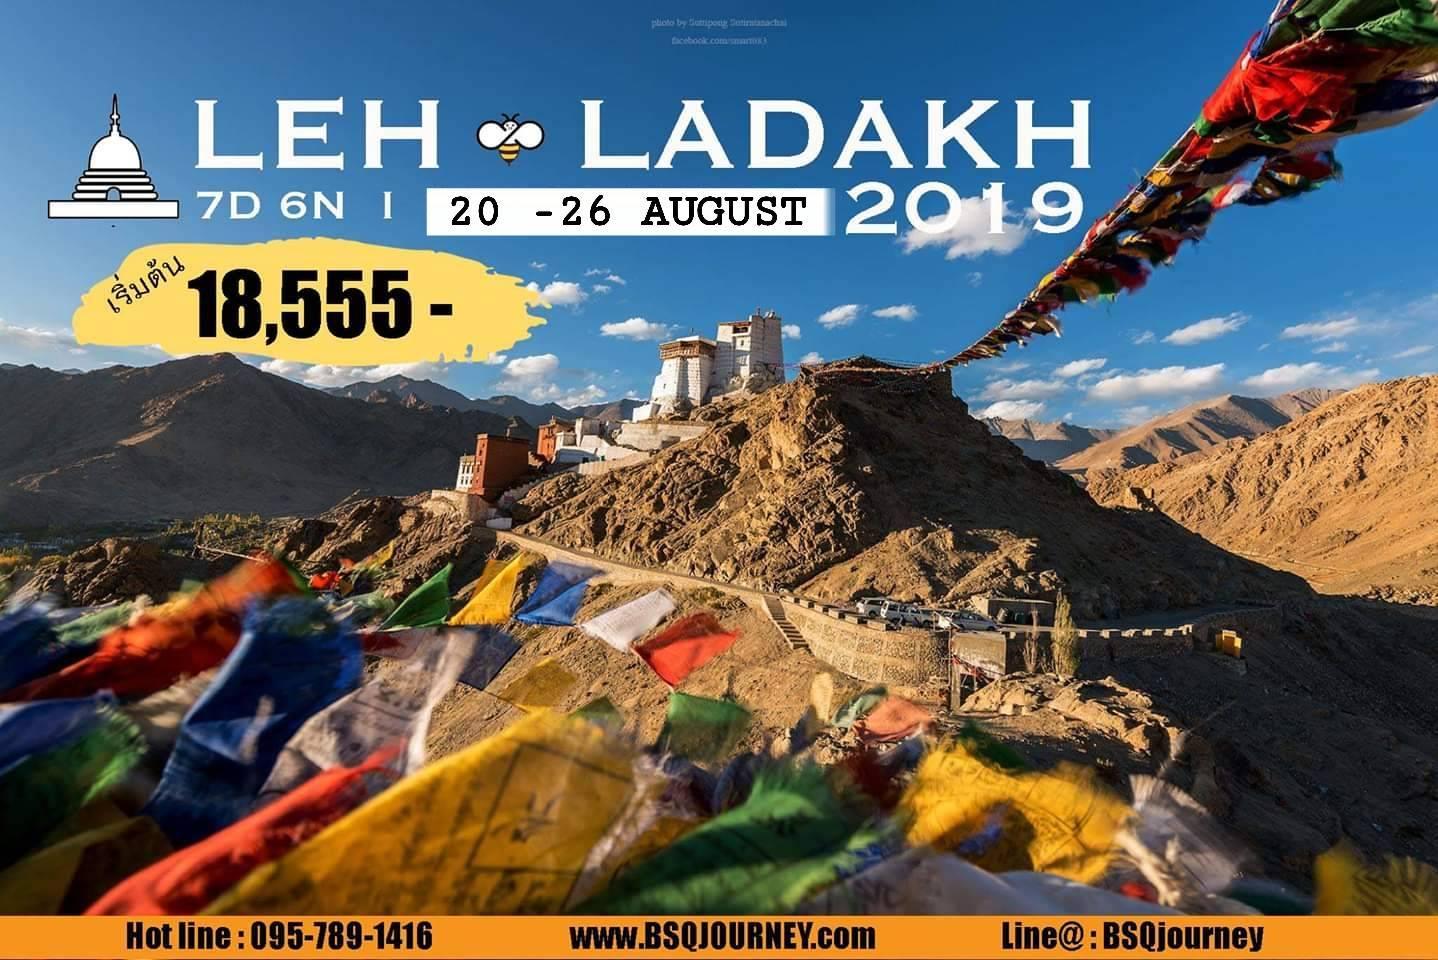 special package เที่ยวด้วยกัน : Julley Leh-Ladakh จูเล เลห์ ลาดักห์ 7วัน 6 คืน